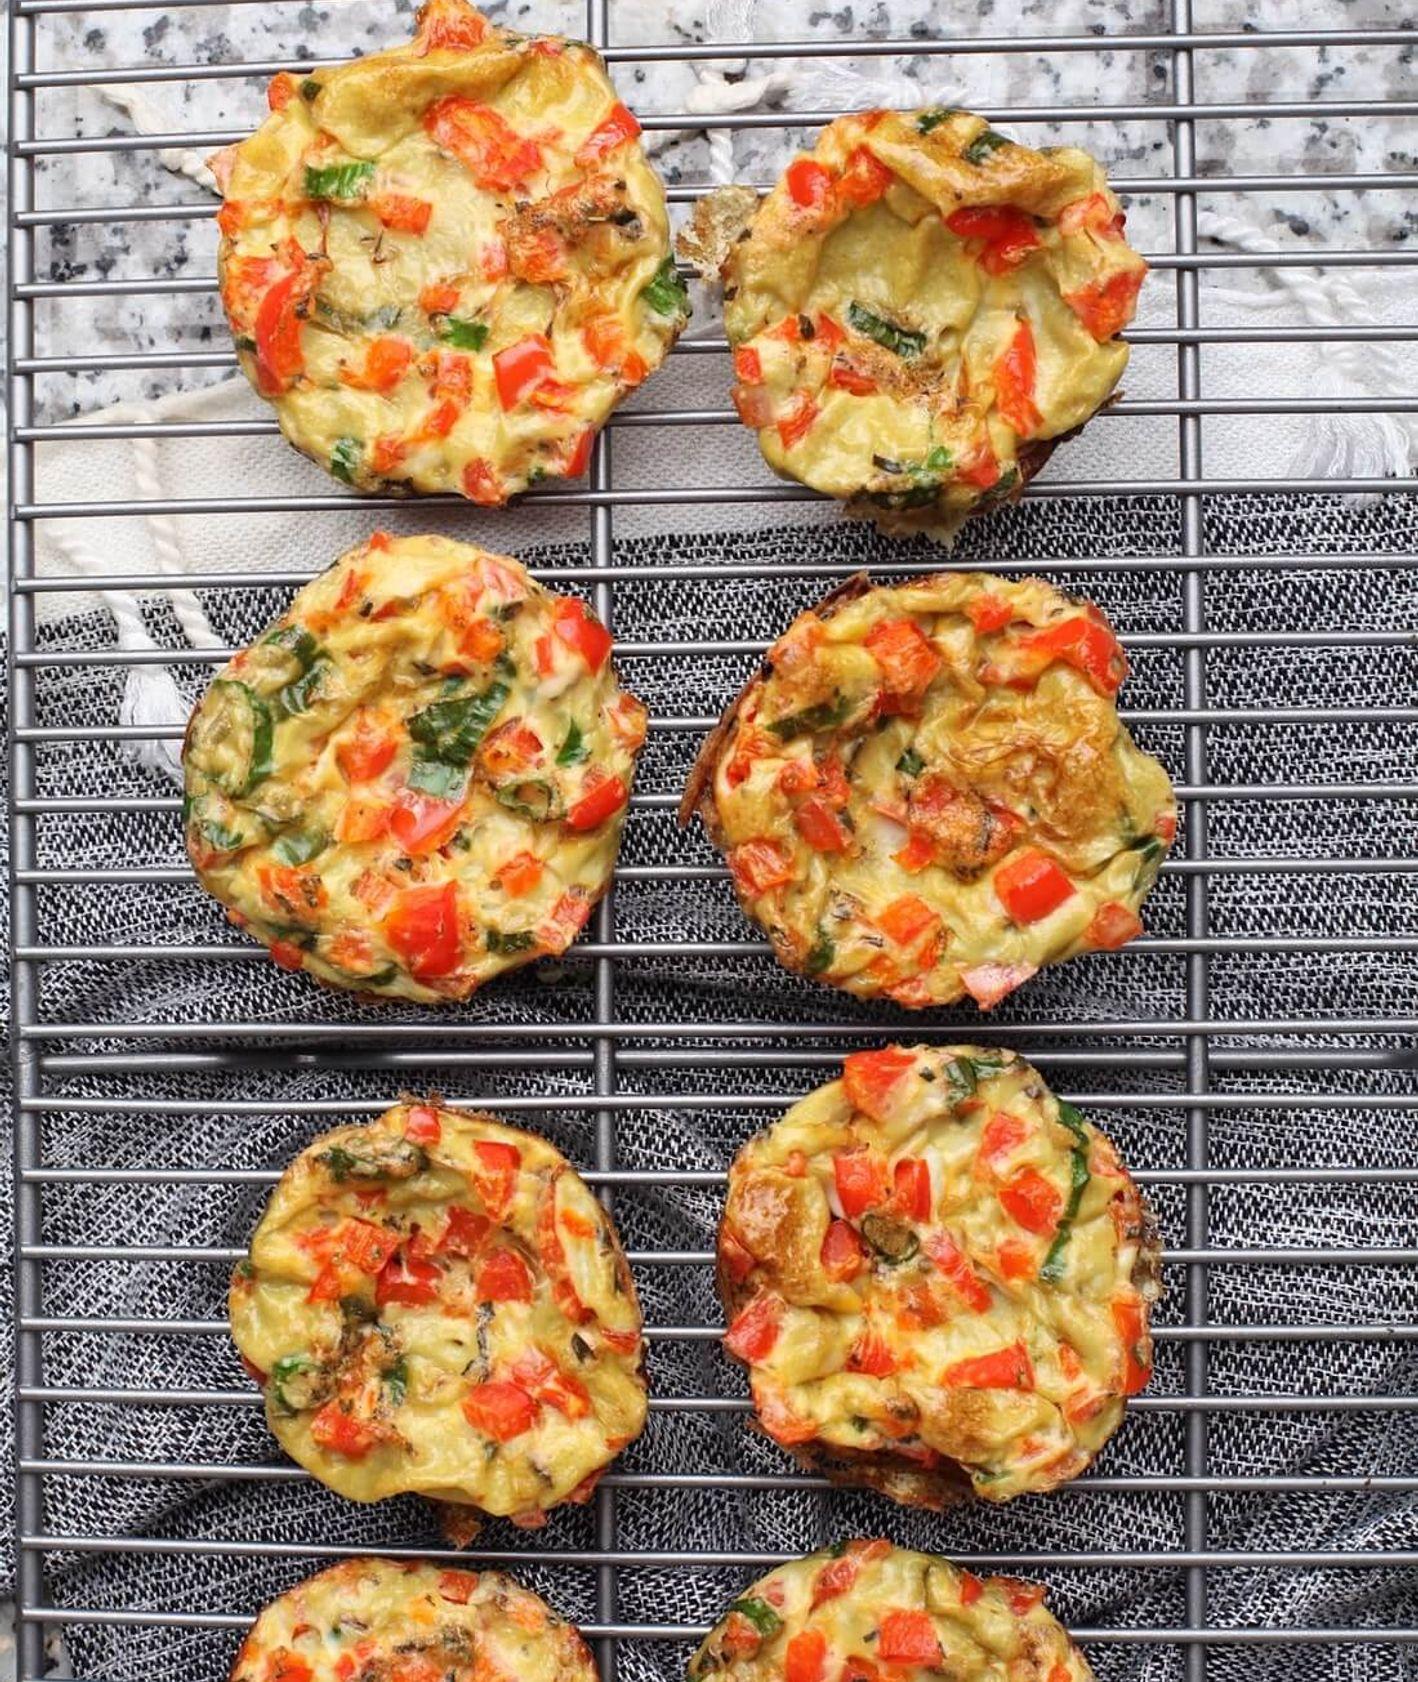 zapiekanki z serem i warzywami na wieczór - szybki przepis (fot. Kaitlyn Chow)